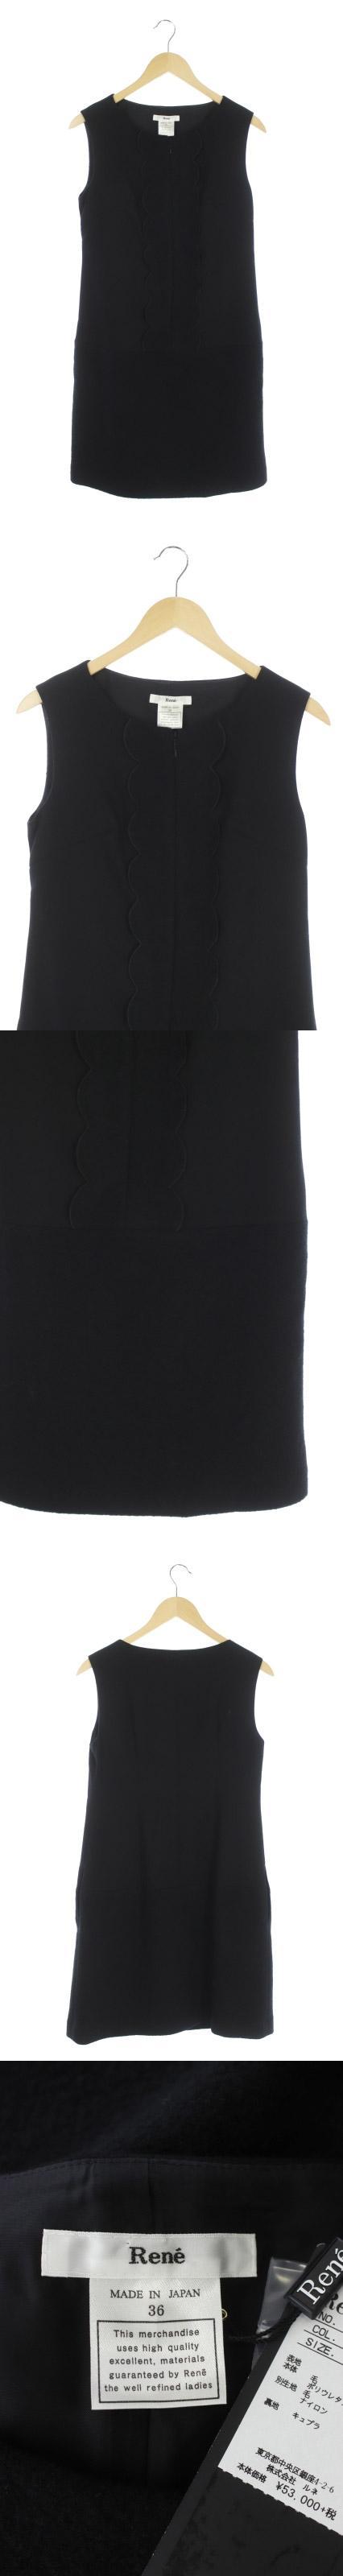 ワンピース 膝丈 ノースリーブ スカラップ 36 黒 /HH ■OS